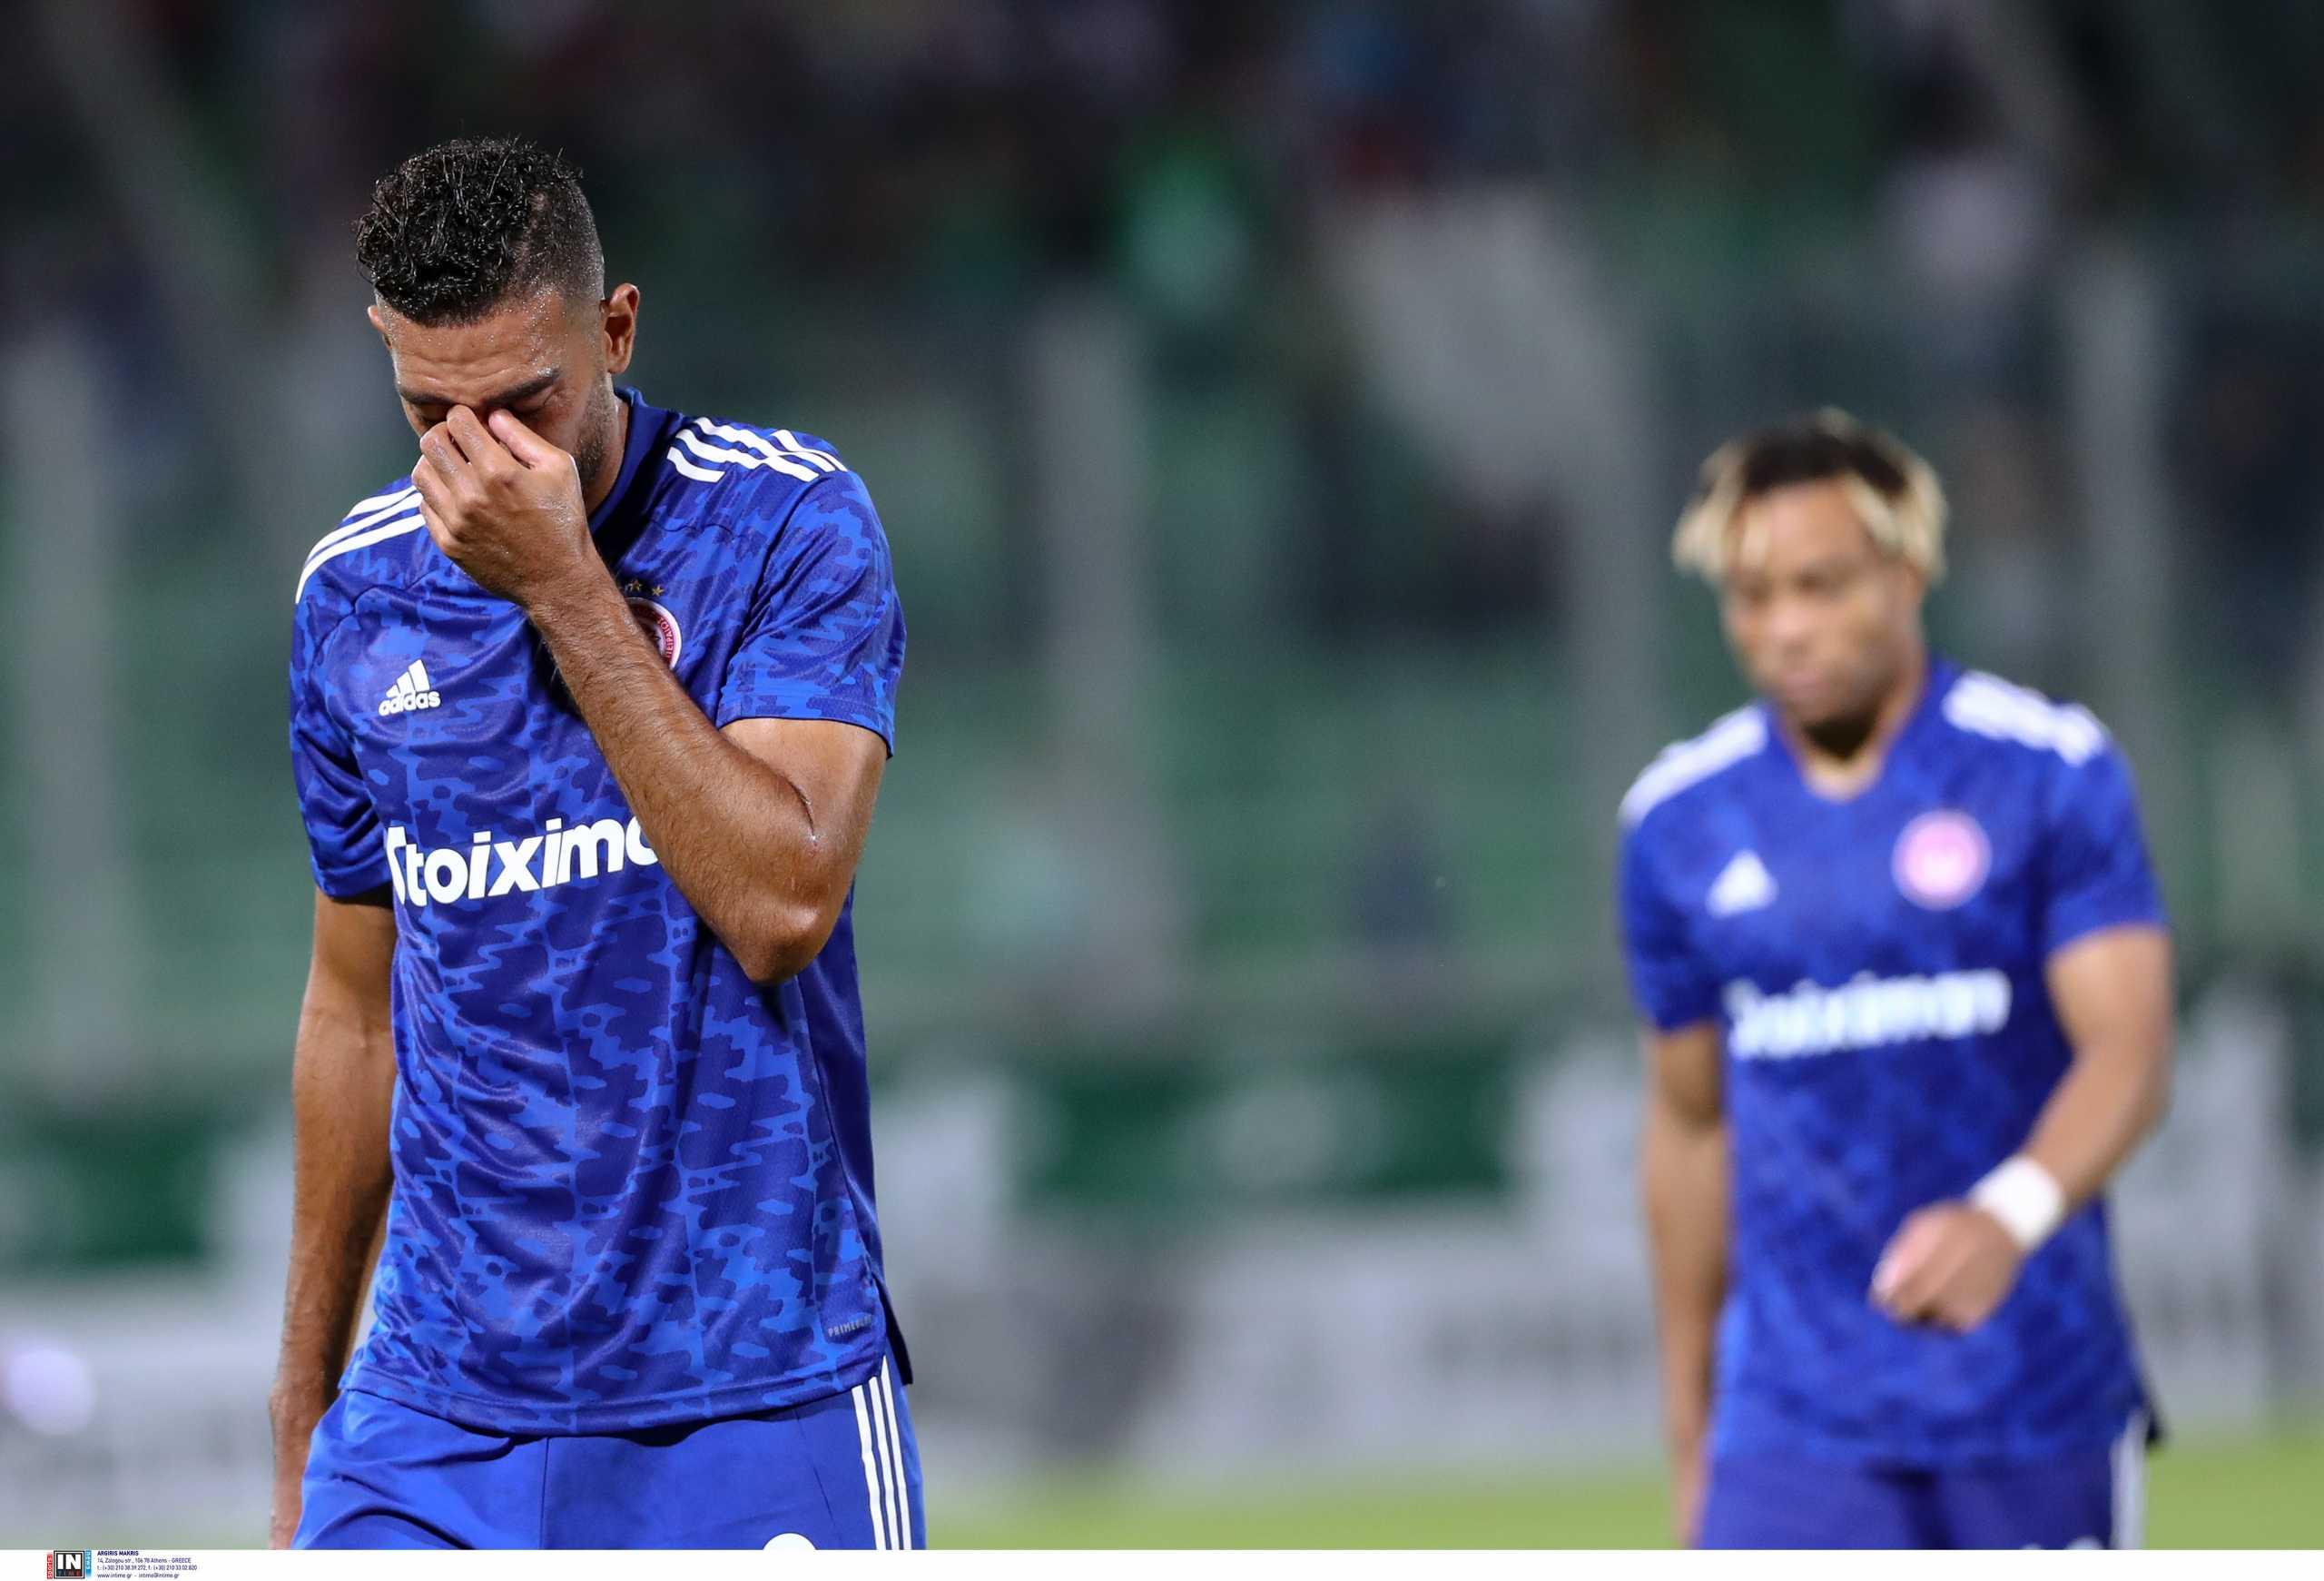 Λουντογκόρετς – Ολυμπιακός 2-2 και 4-1 στα πέναλτι: Τέλος το Champions League για τους Πειραιώτες